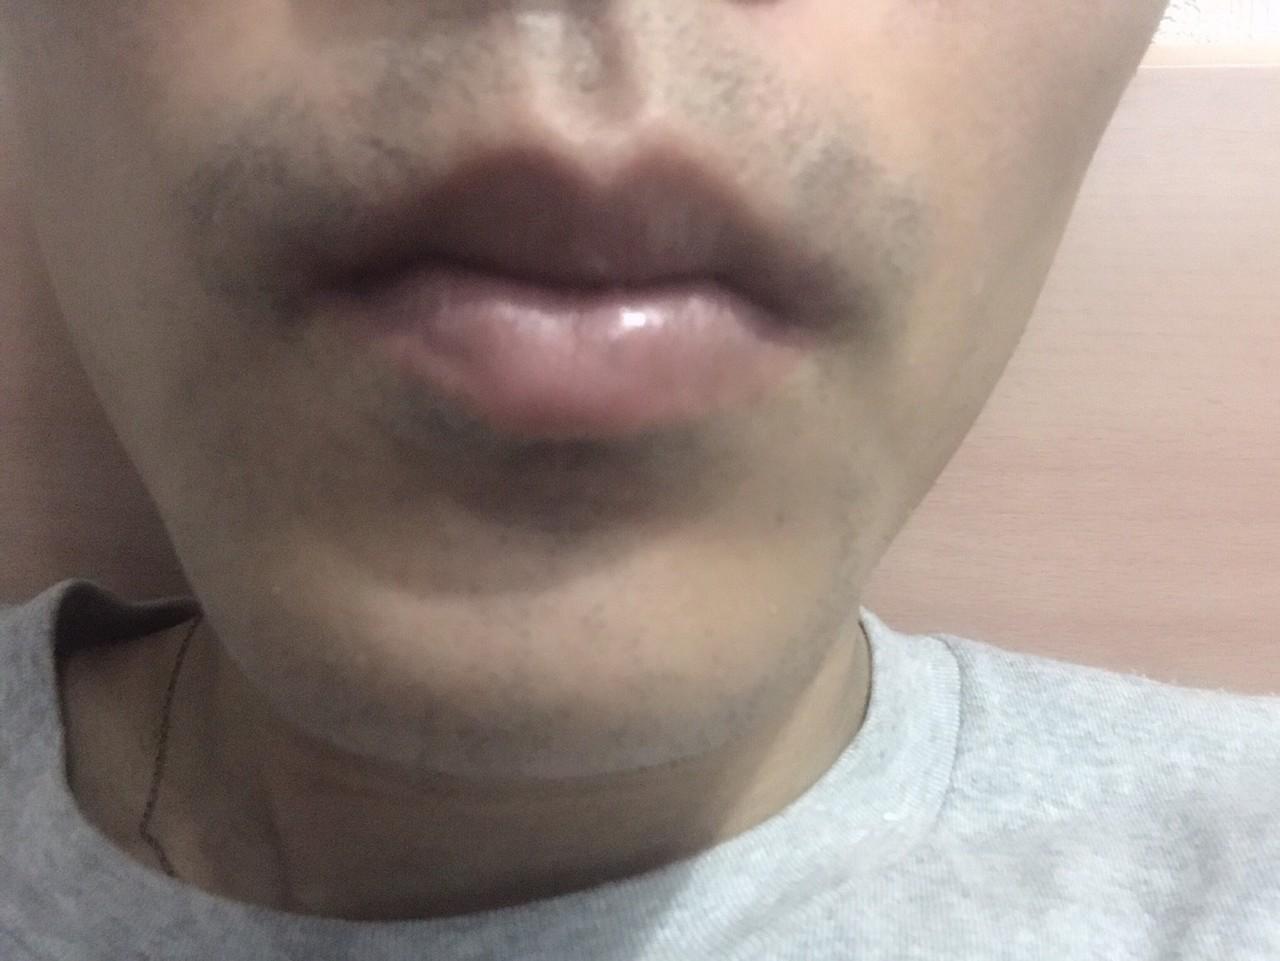 ヒゲ脱毛一回目~一か月後、髭剃り一日後